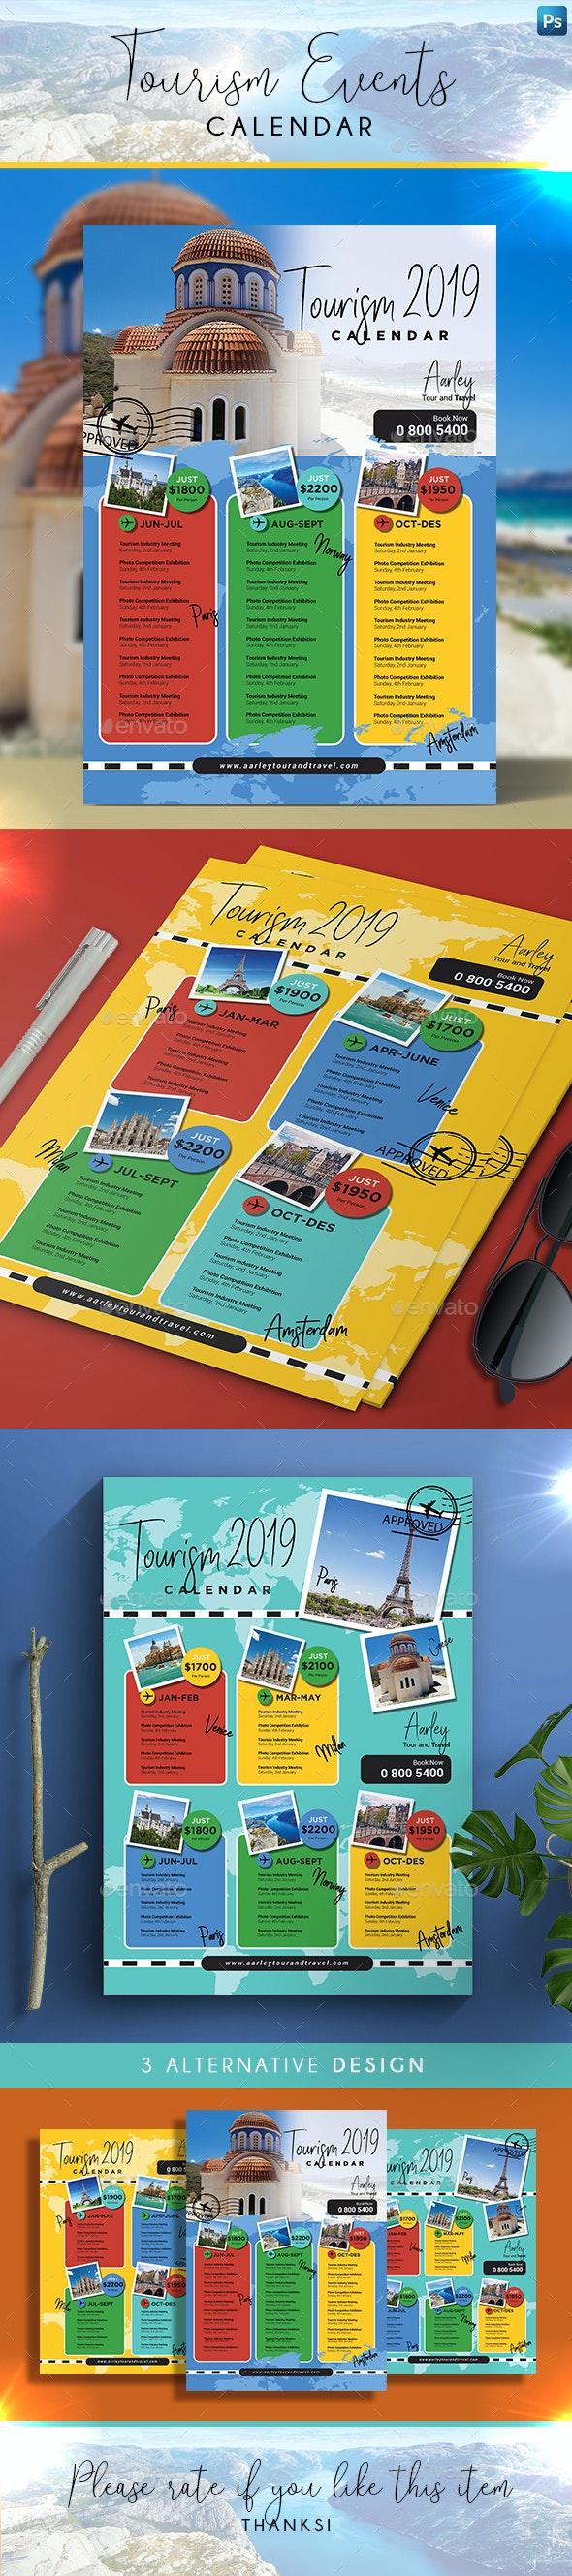 Tourism Events Calendar Flyer - Calendars Stationery